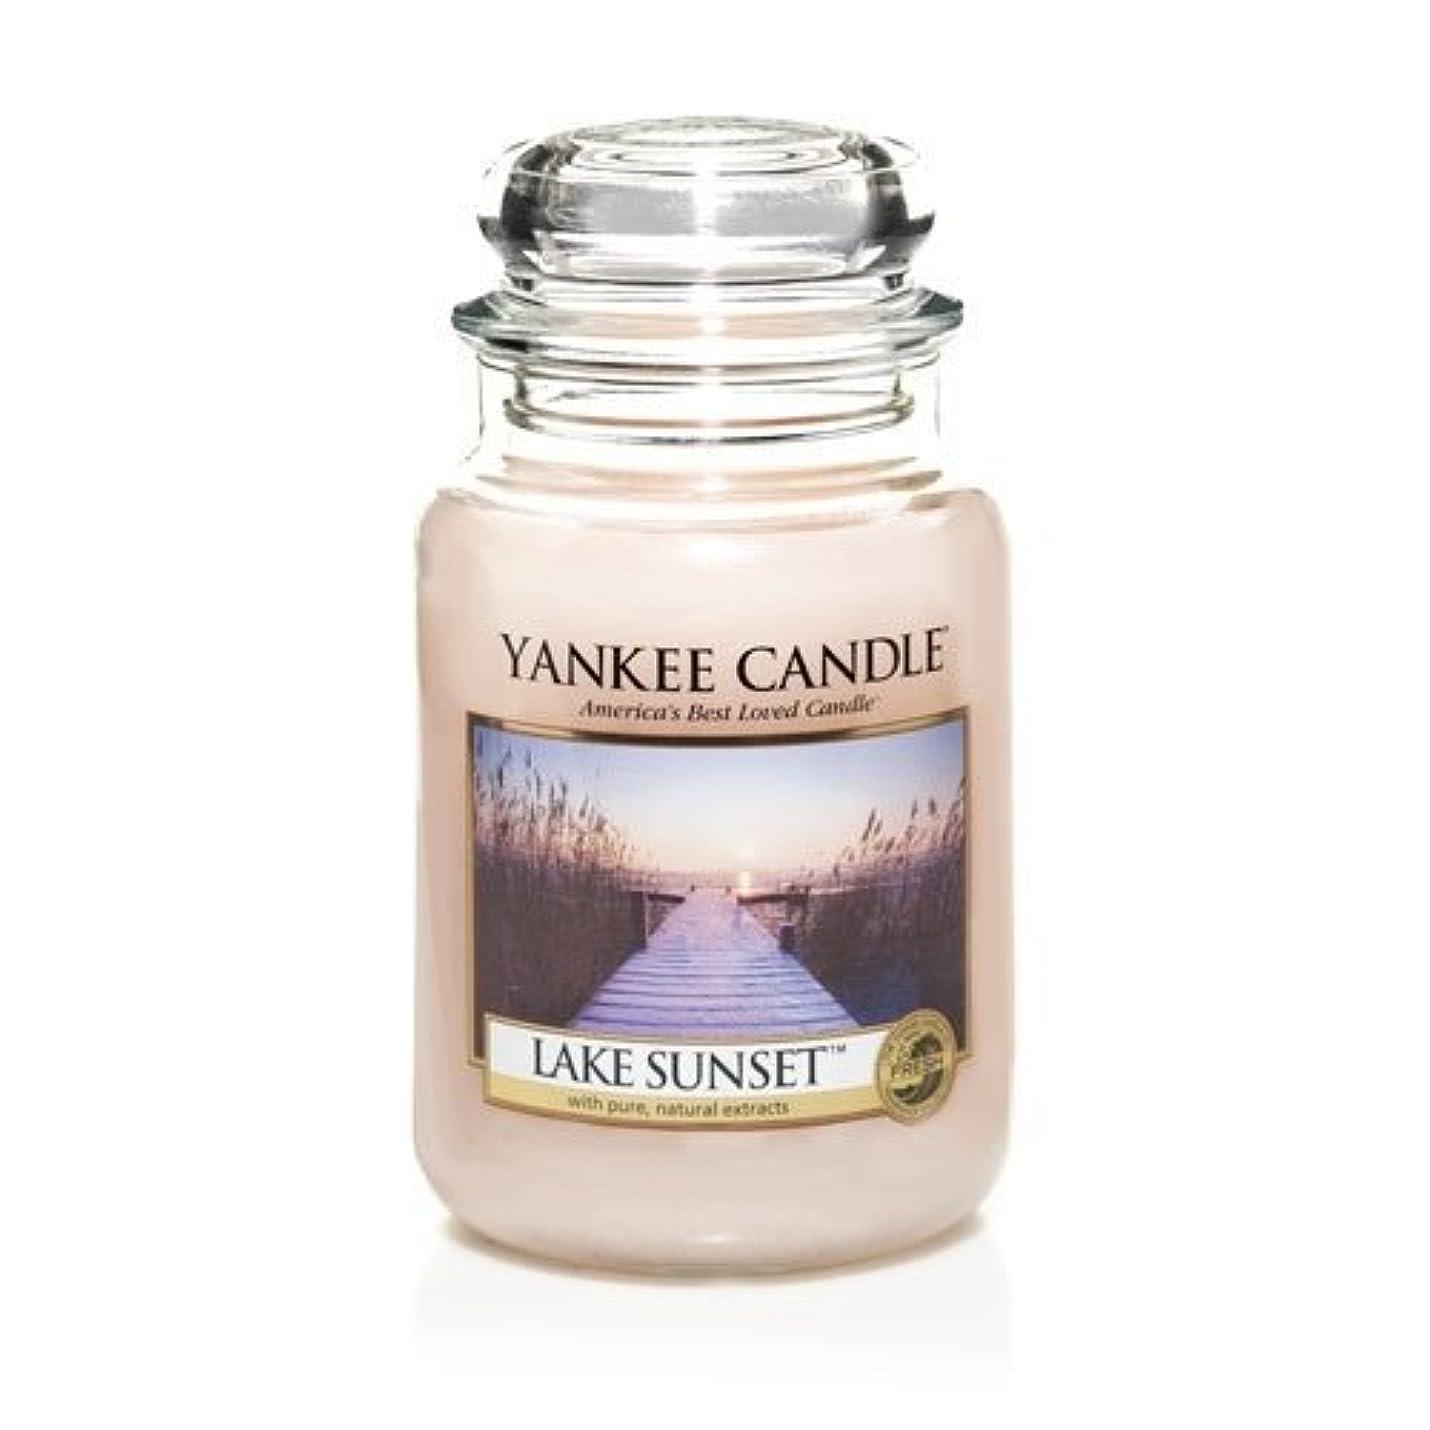 時々時々作物ブロンズYankee Candle LAKE SUNSET 22 oz Large Jar Candle - New for Fall 2013 by Yankee Candle [並行輸入品]